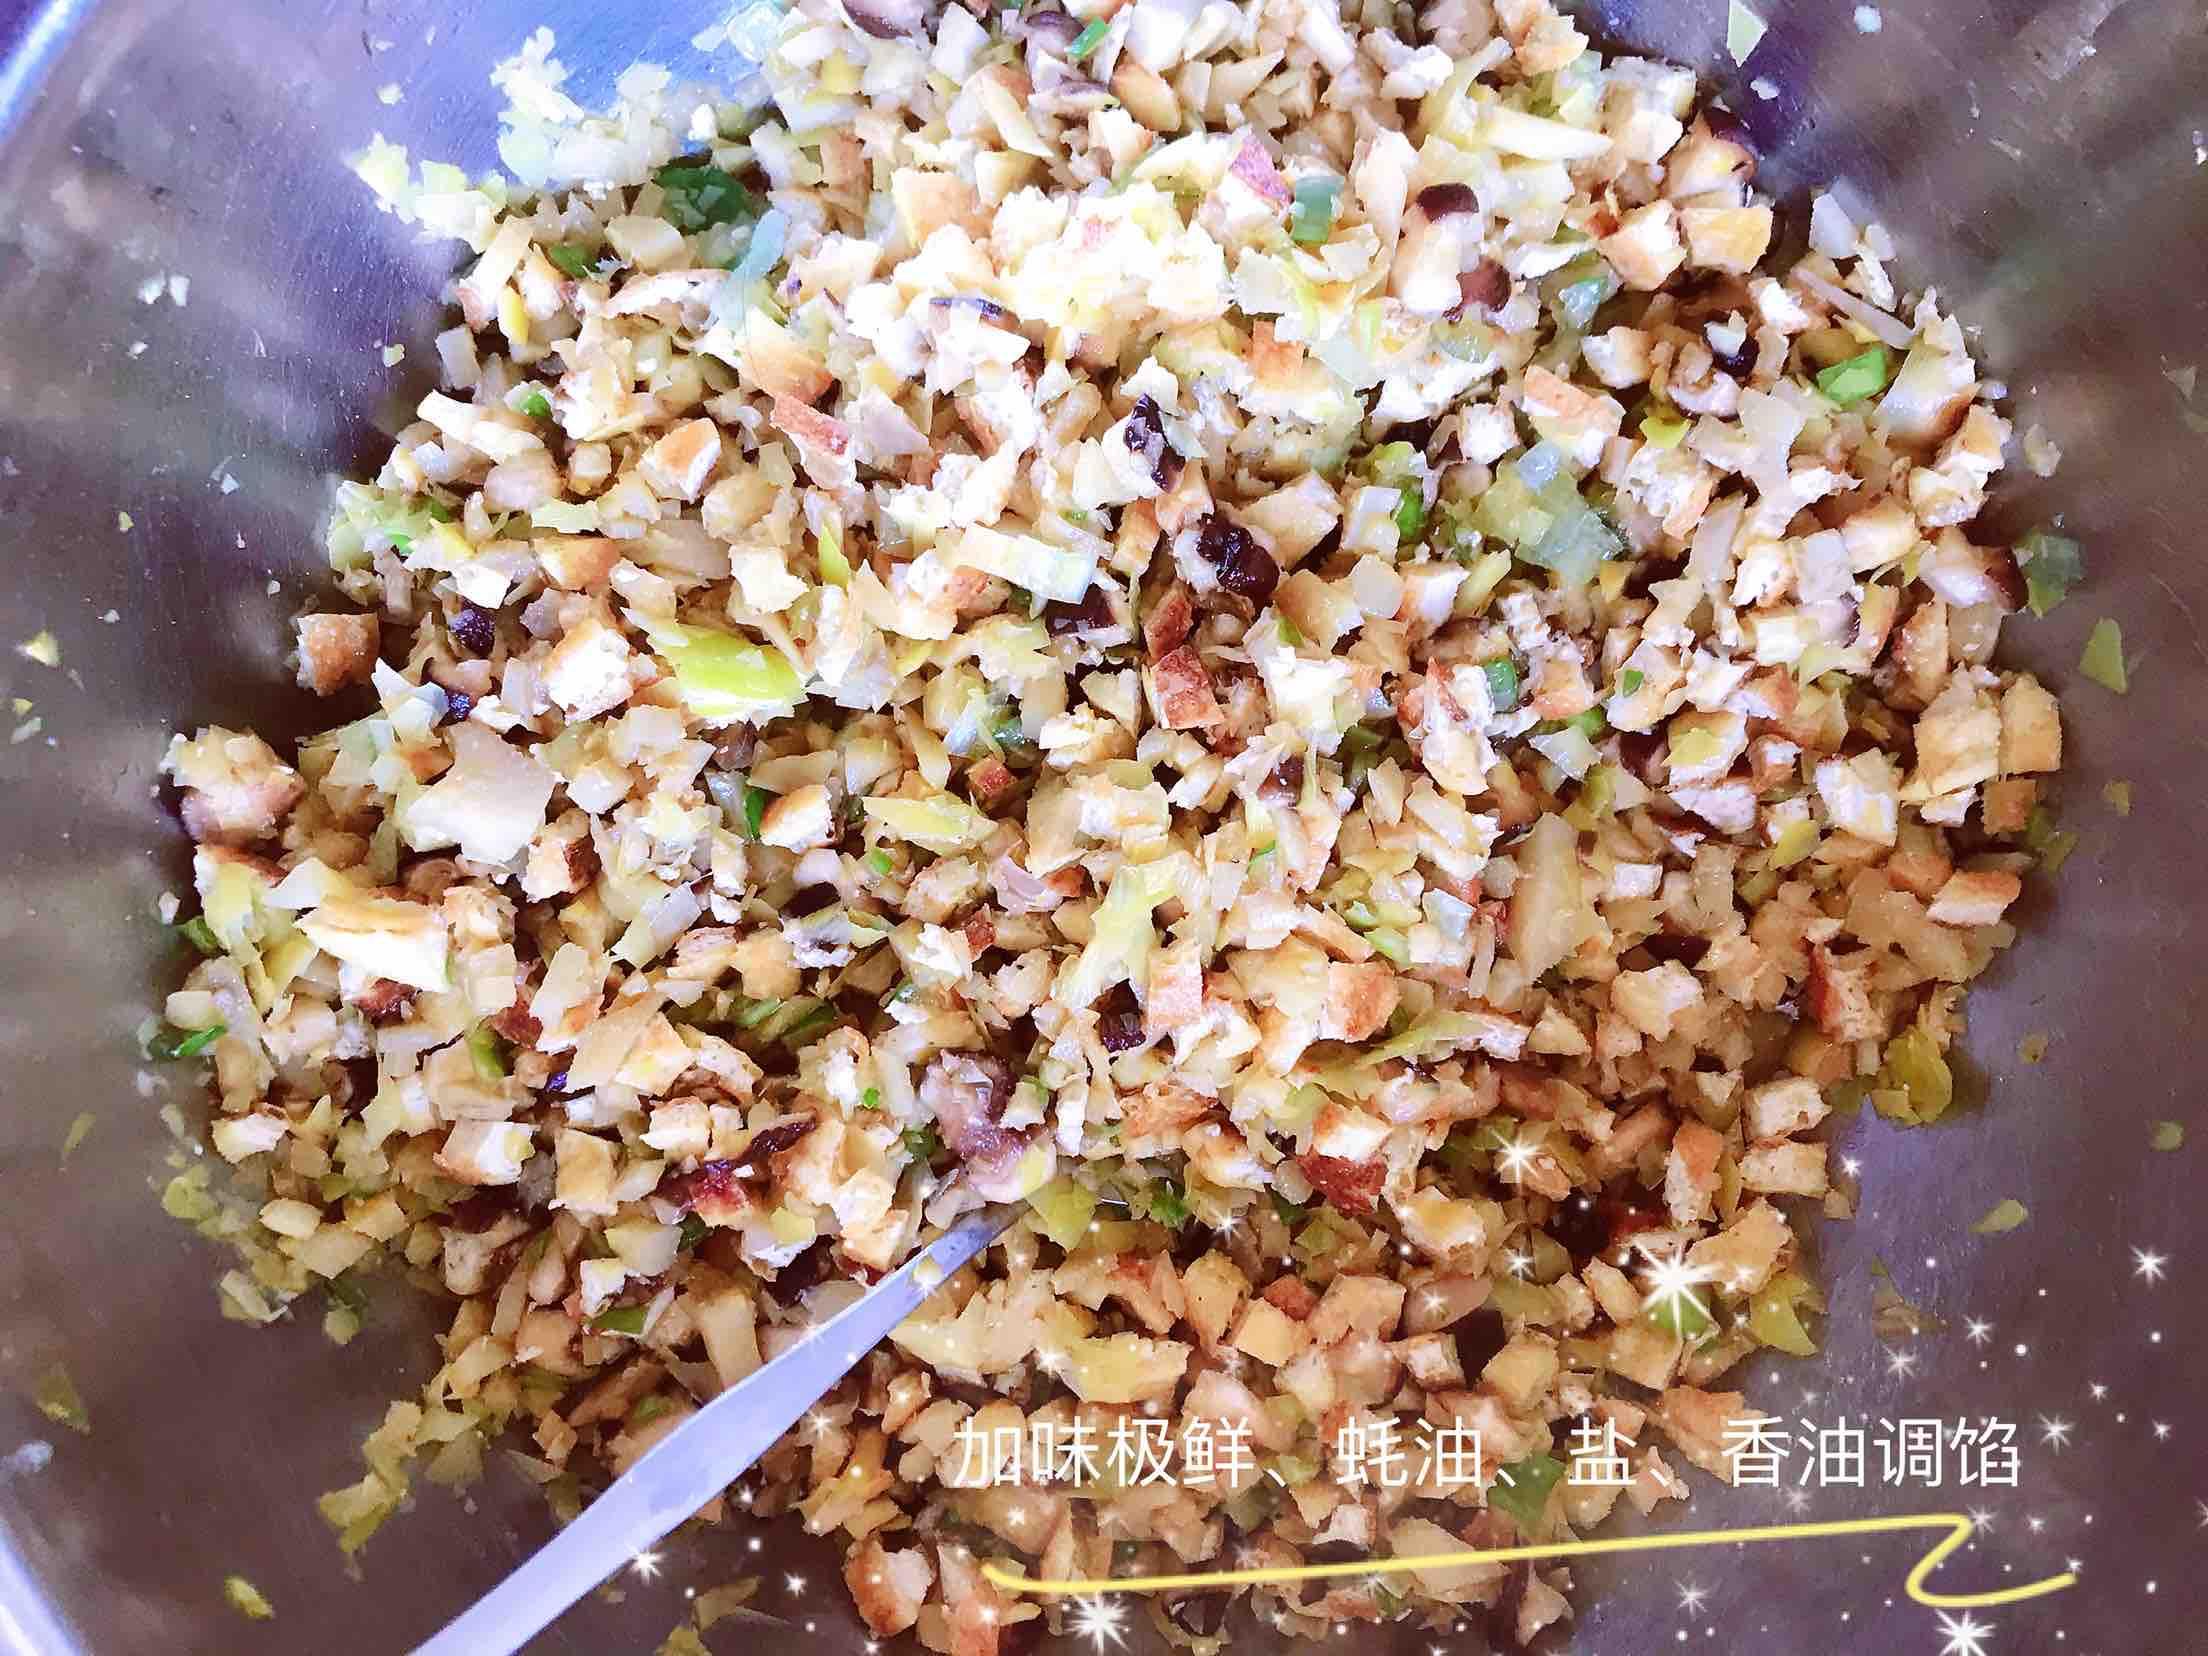 清新爽口带着春的气息的素食笋丁豆腐青团怎么煸